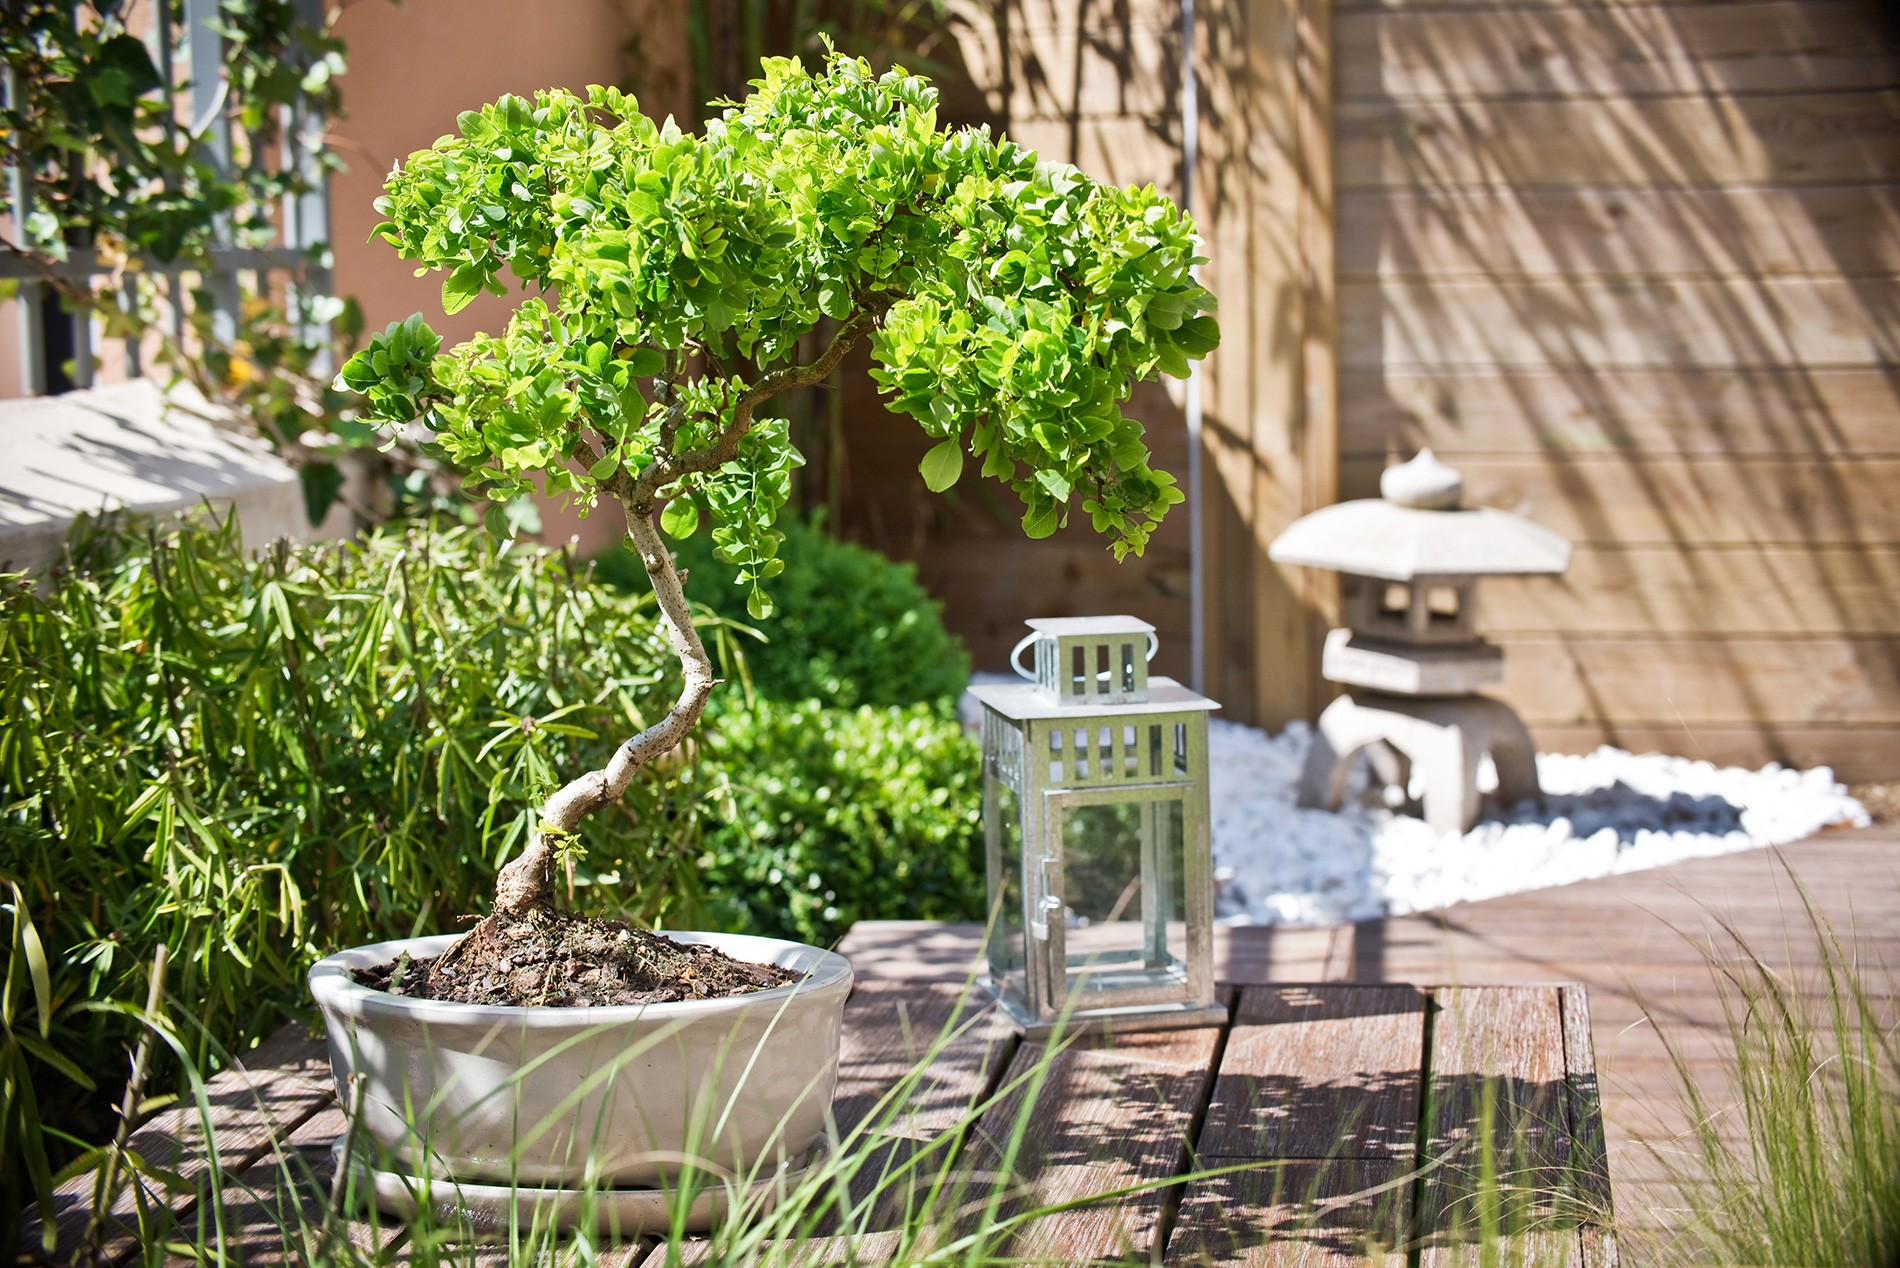 Cr er un jardin d 39 inspiration zen blog des artisans - Creer un jardin zen ...